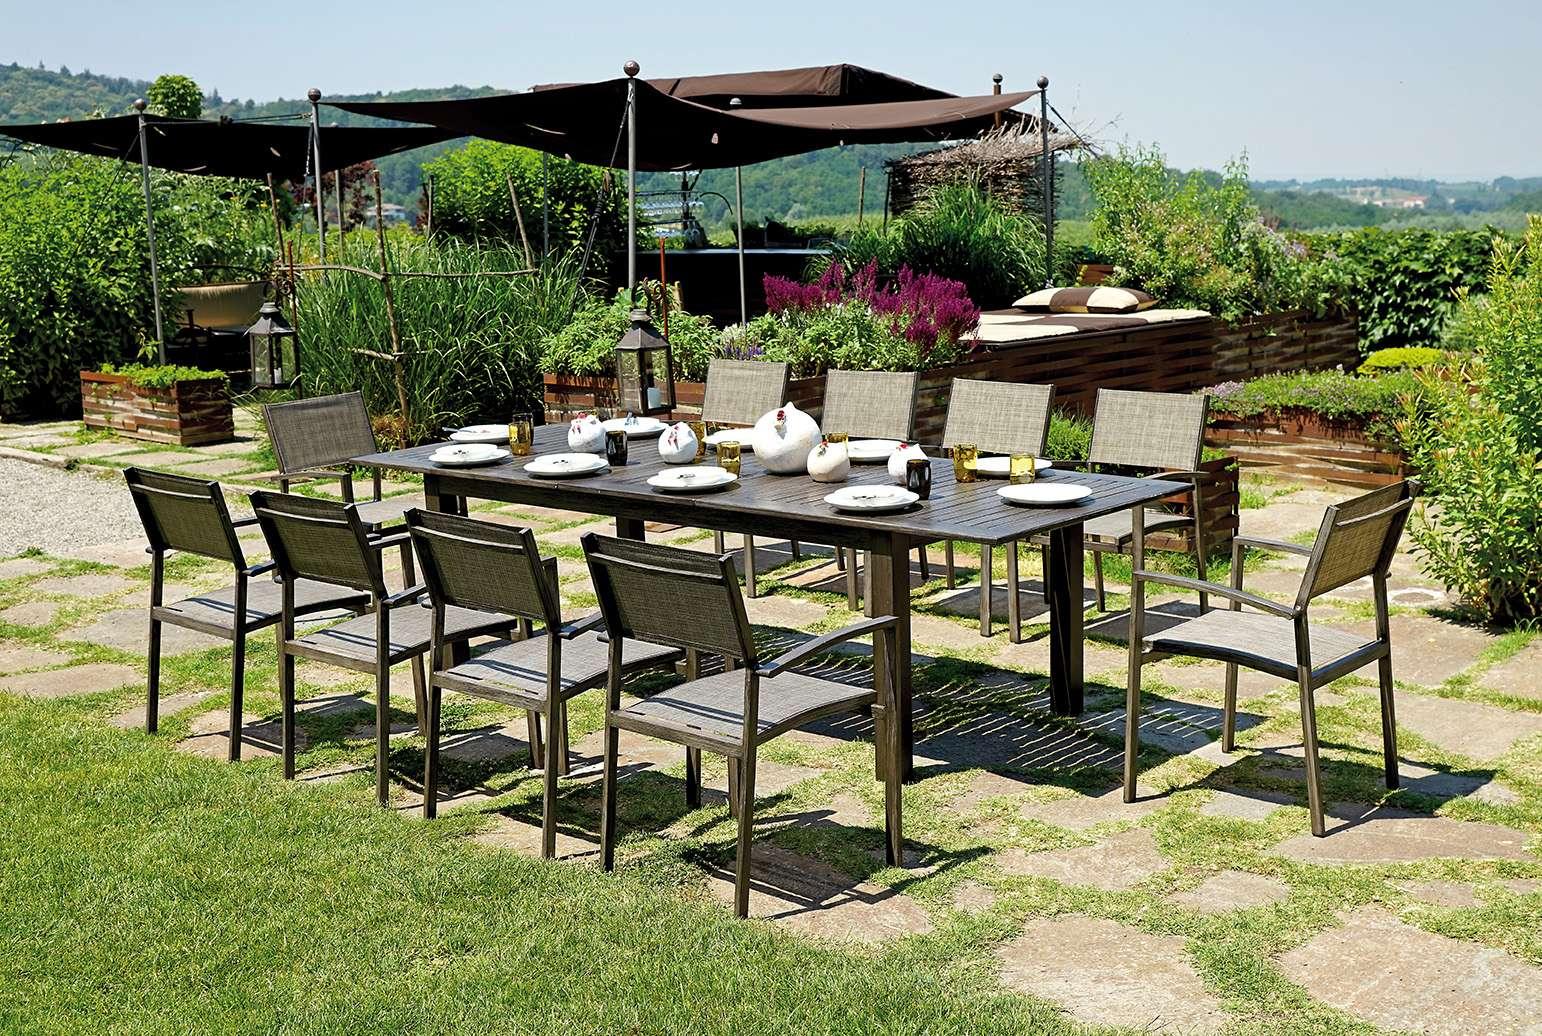 Ambientazione cwl01 twl03 greenwood mobili da giardino for Ambientazioni salotti